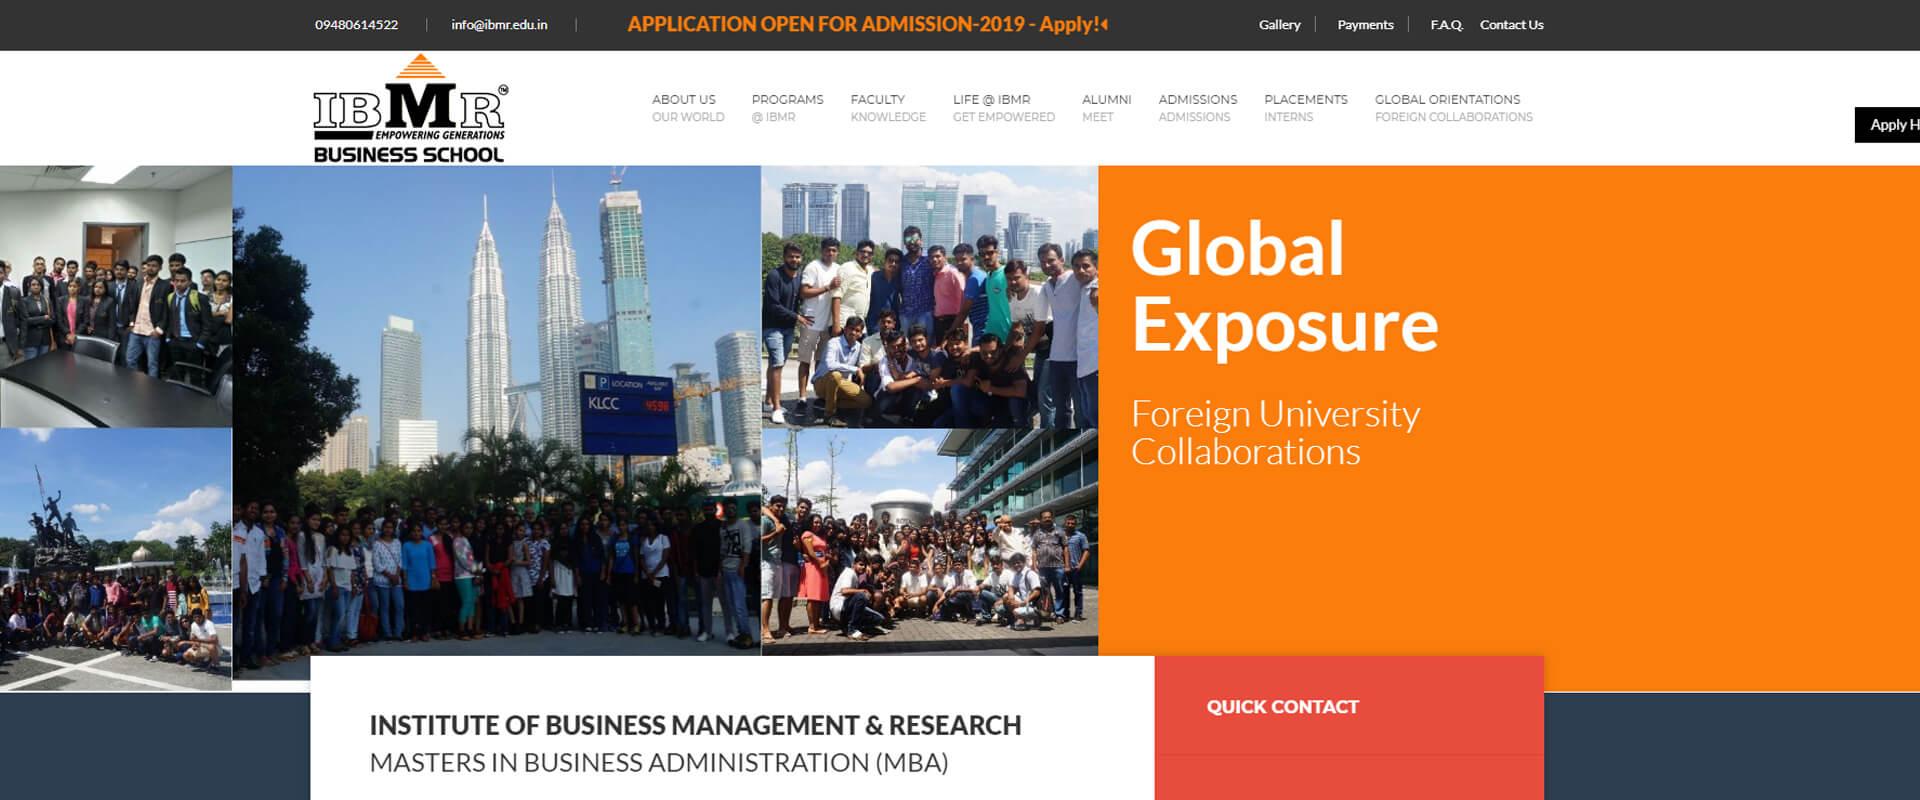 IBMR Website Design Layout